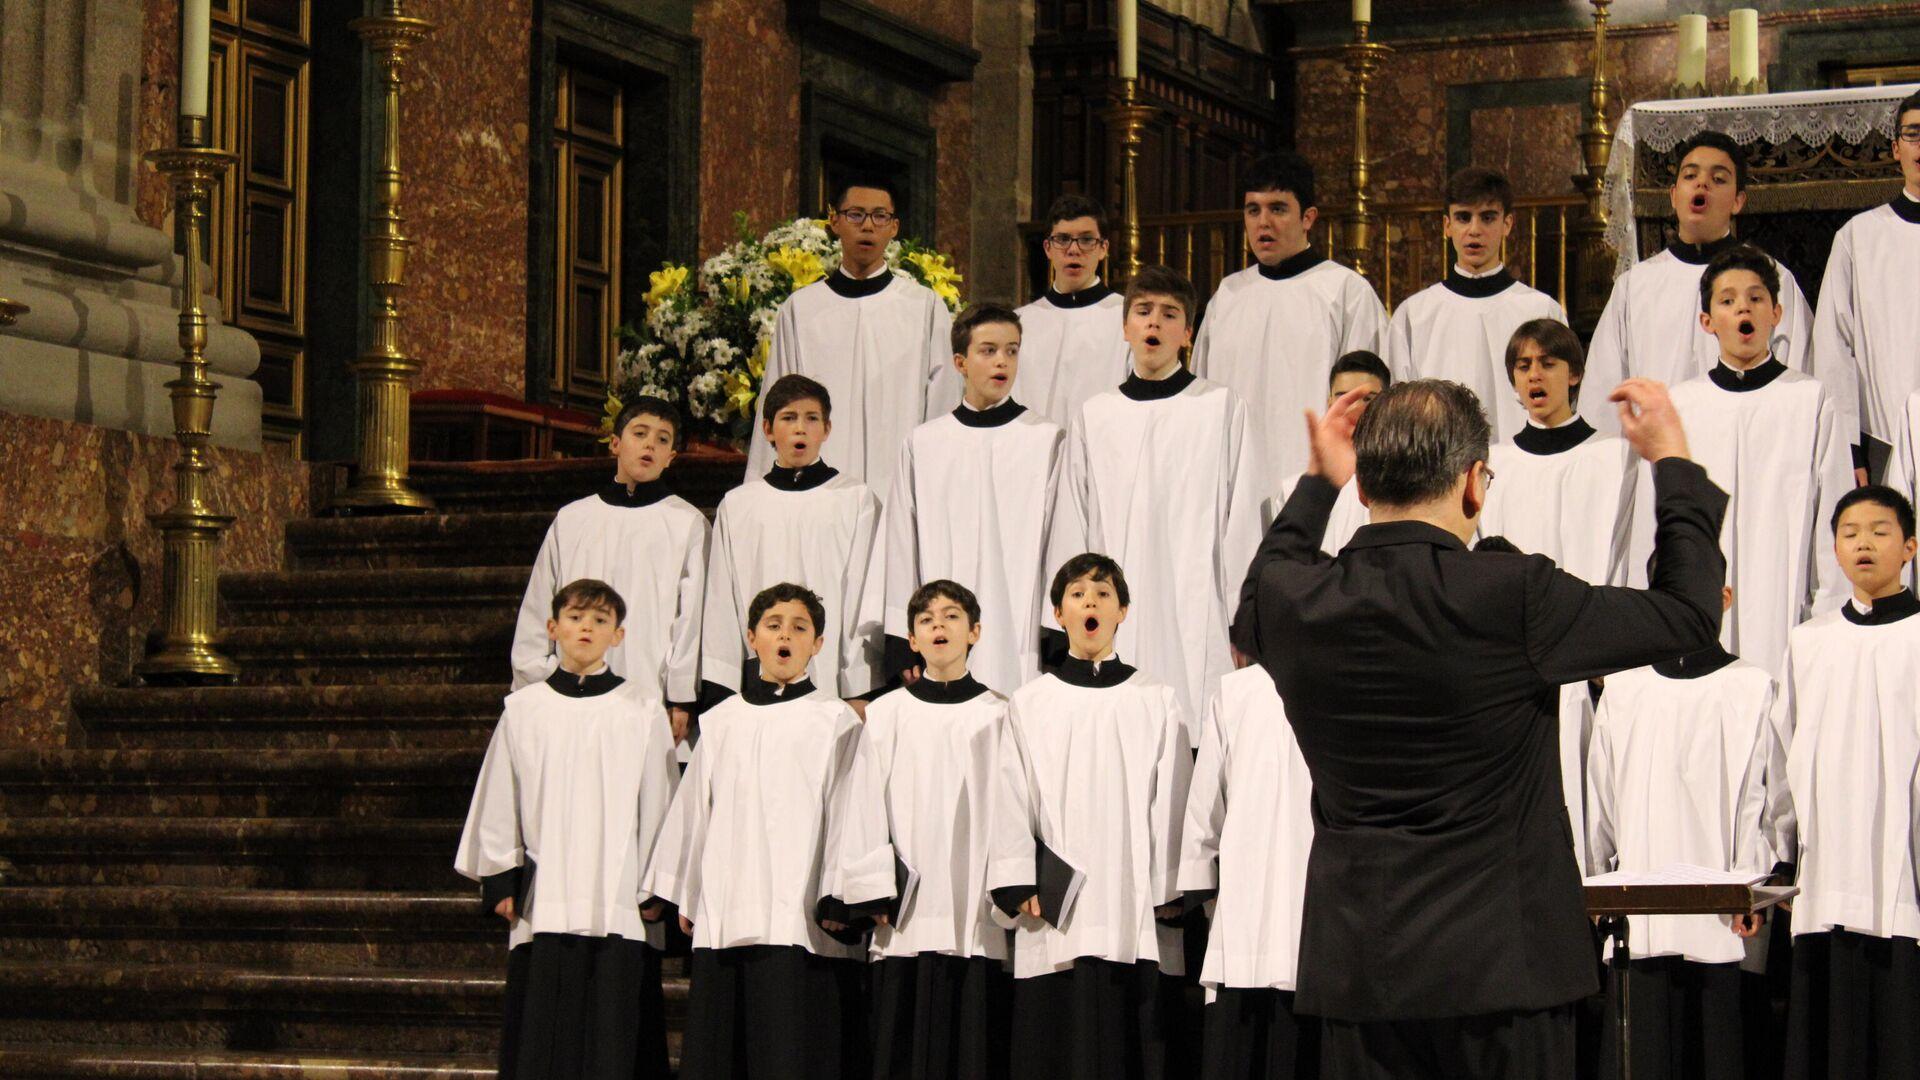 Niños cantando en el coro del Real Monasterio de San Lorenzo del Escorial - Sputnik Mundo, 1920, 28.05.2021